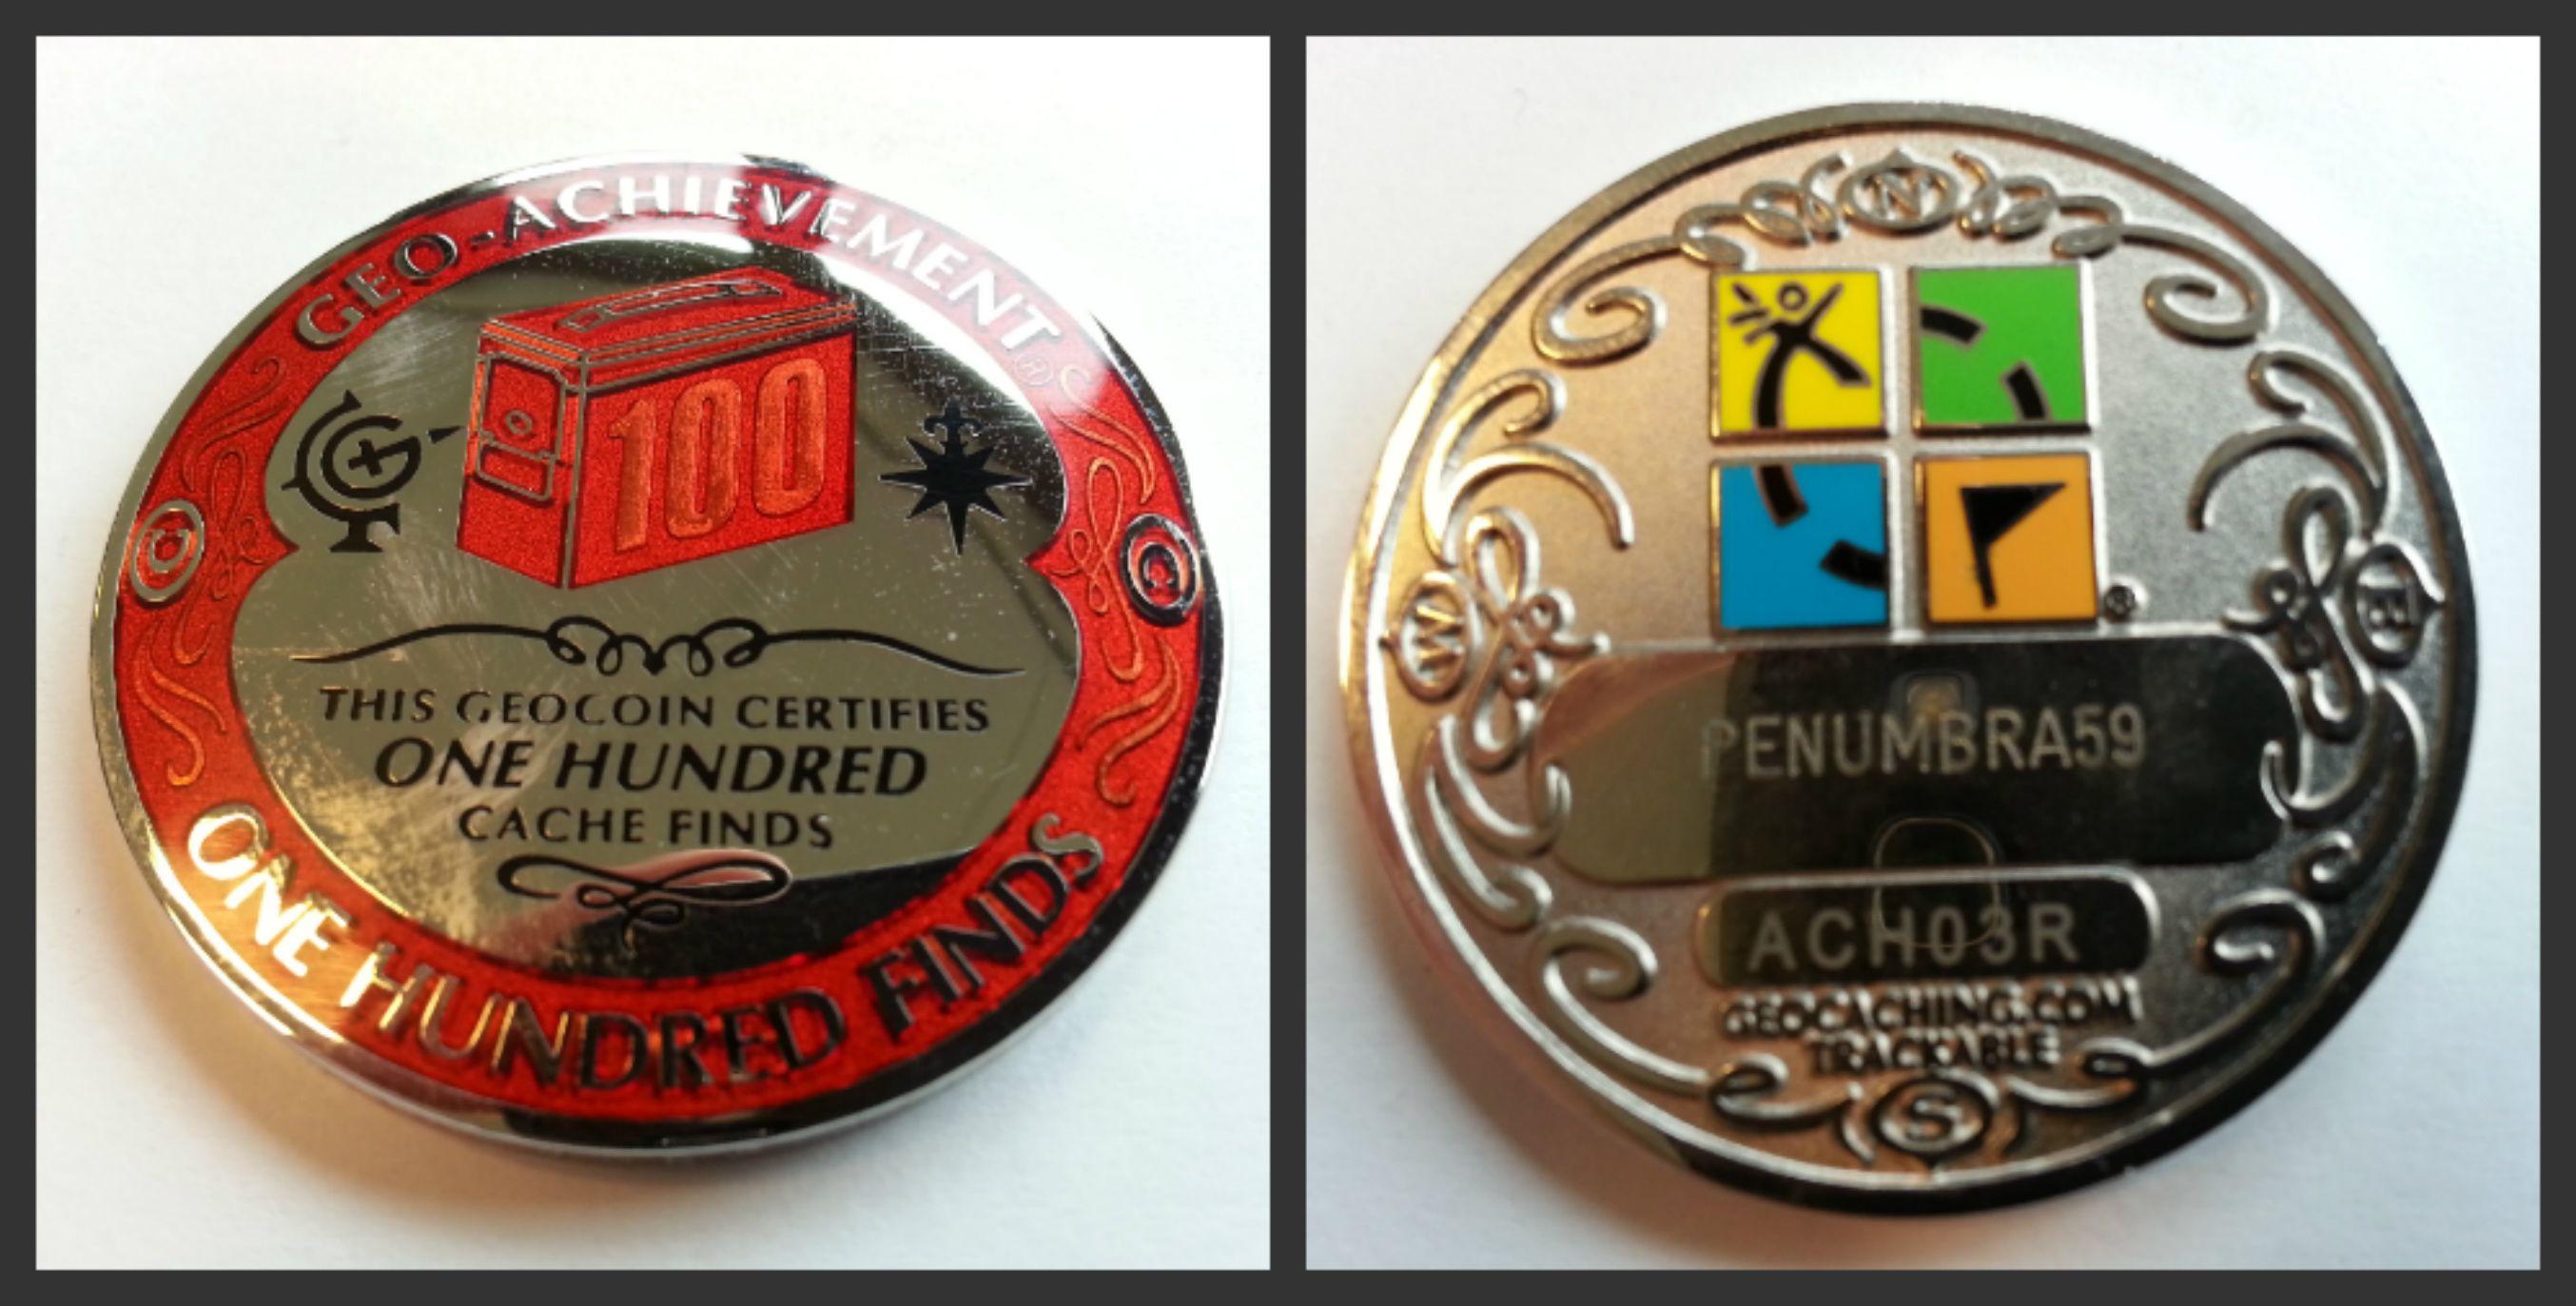 geocaching achievement coins